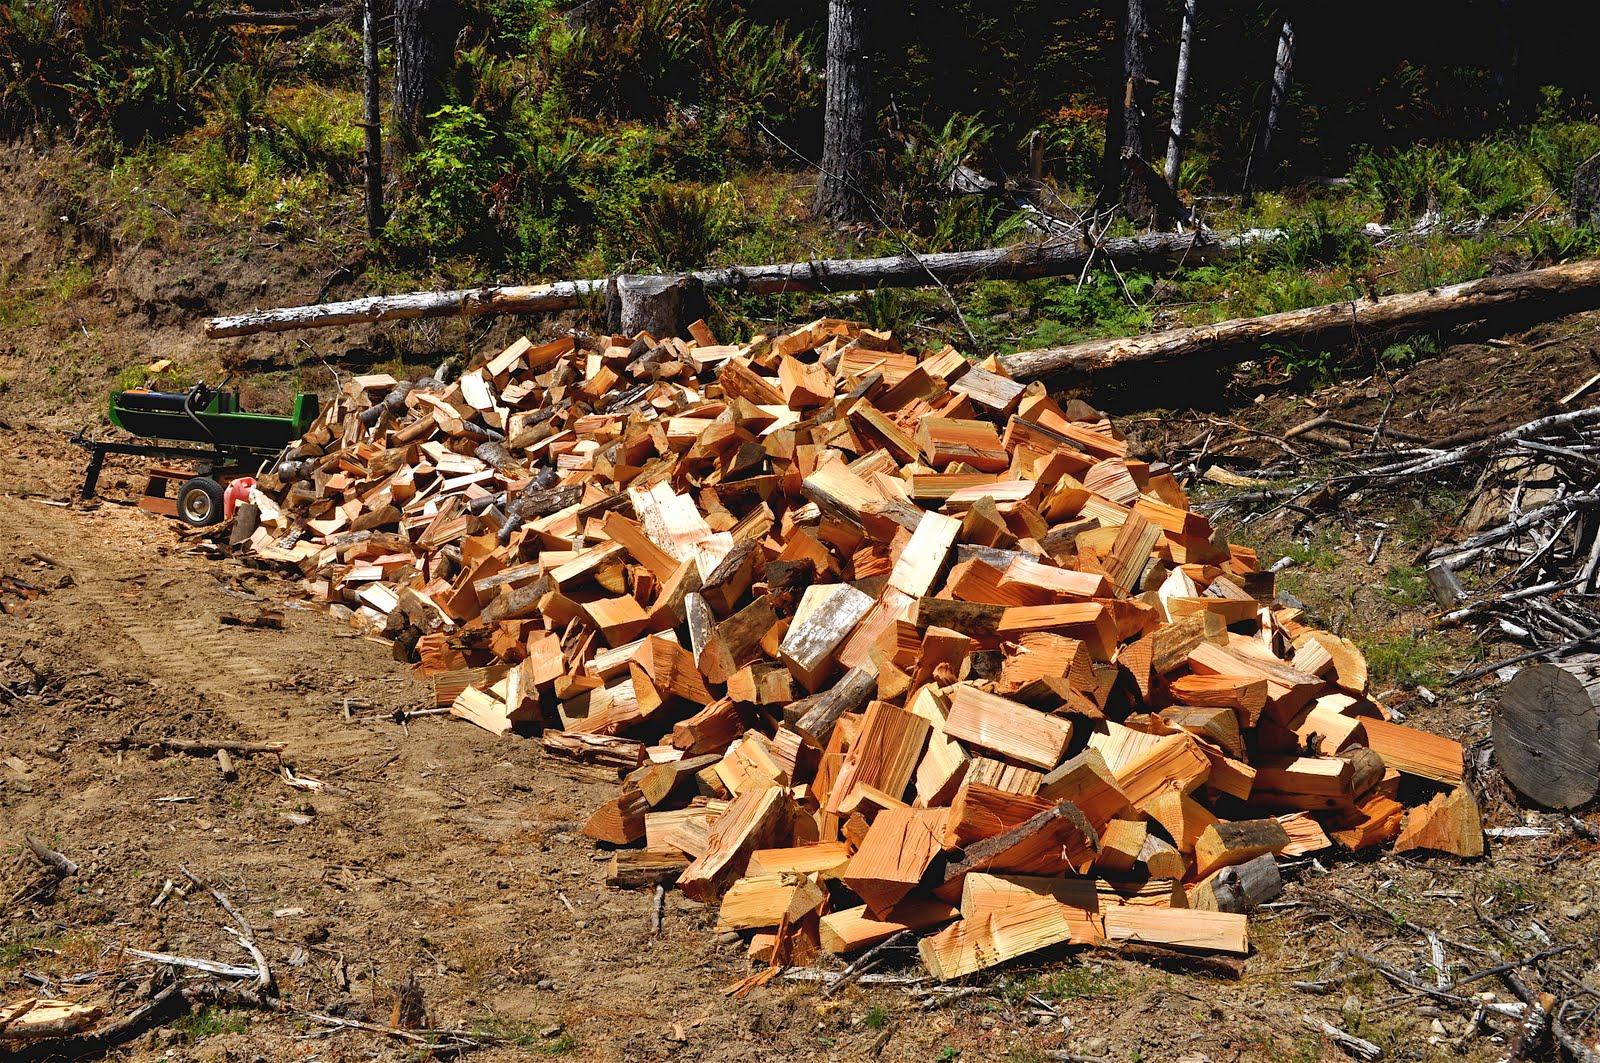 Pile It On : Luann kessi wood shrinks